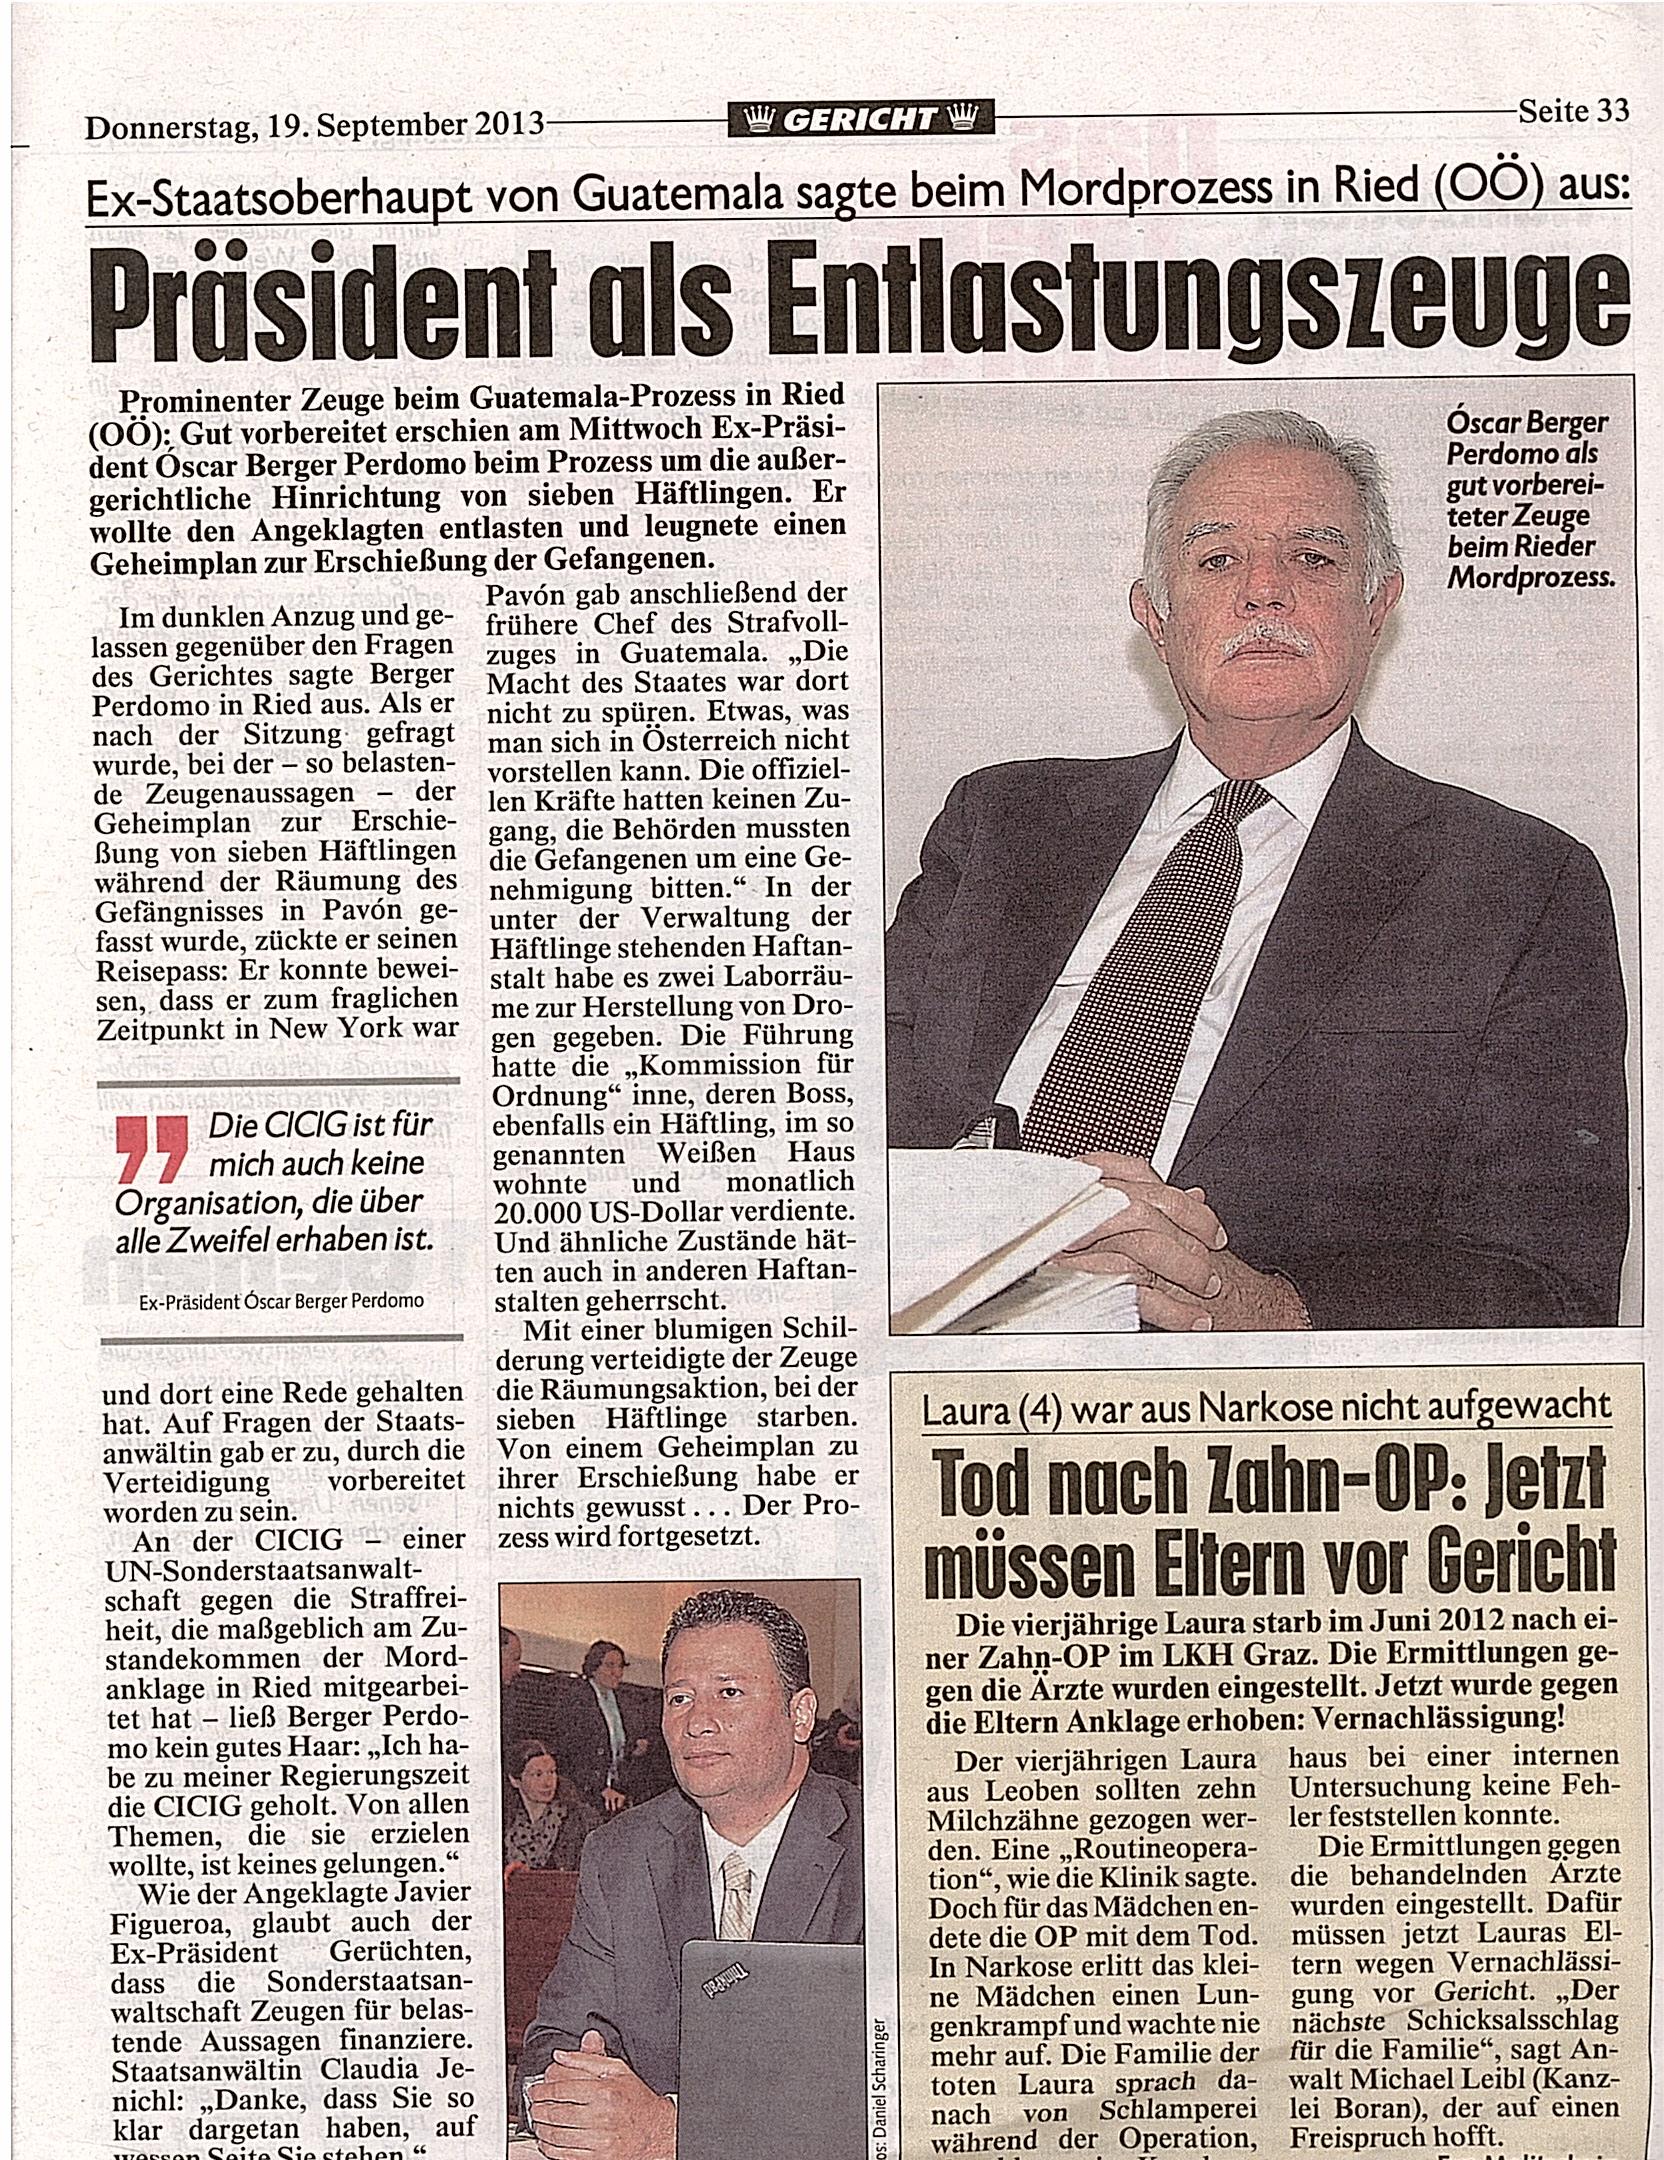 La prensa local dio relevancia a la presencia del expresidente Berger en la Corte.